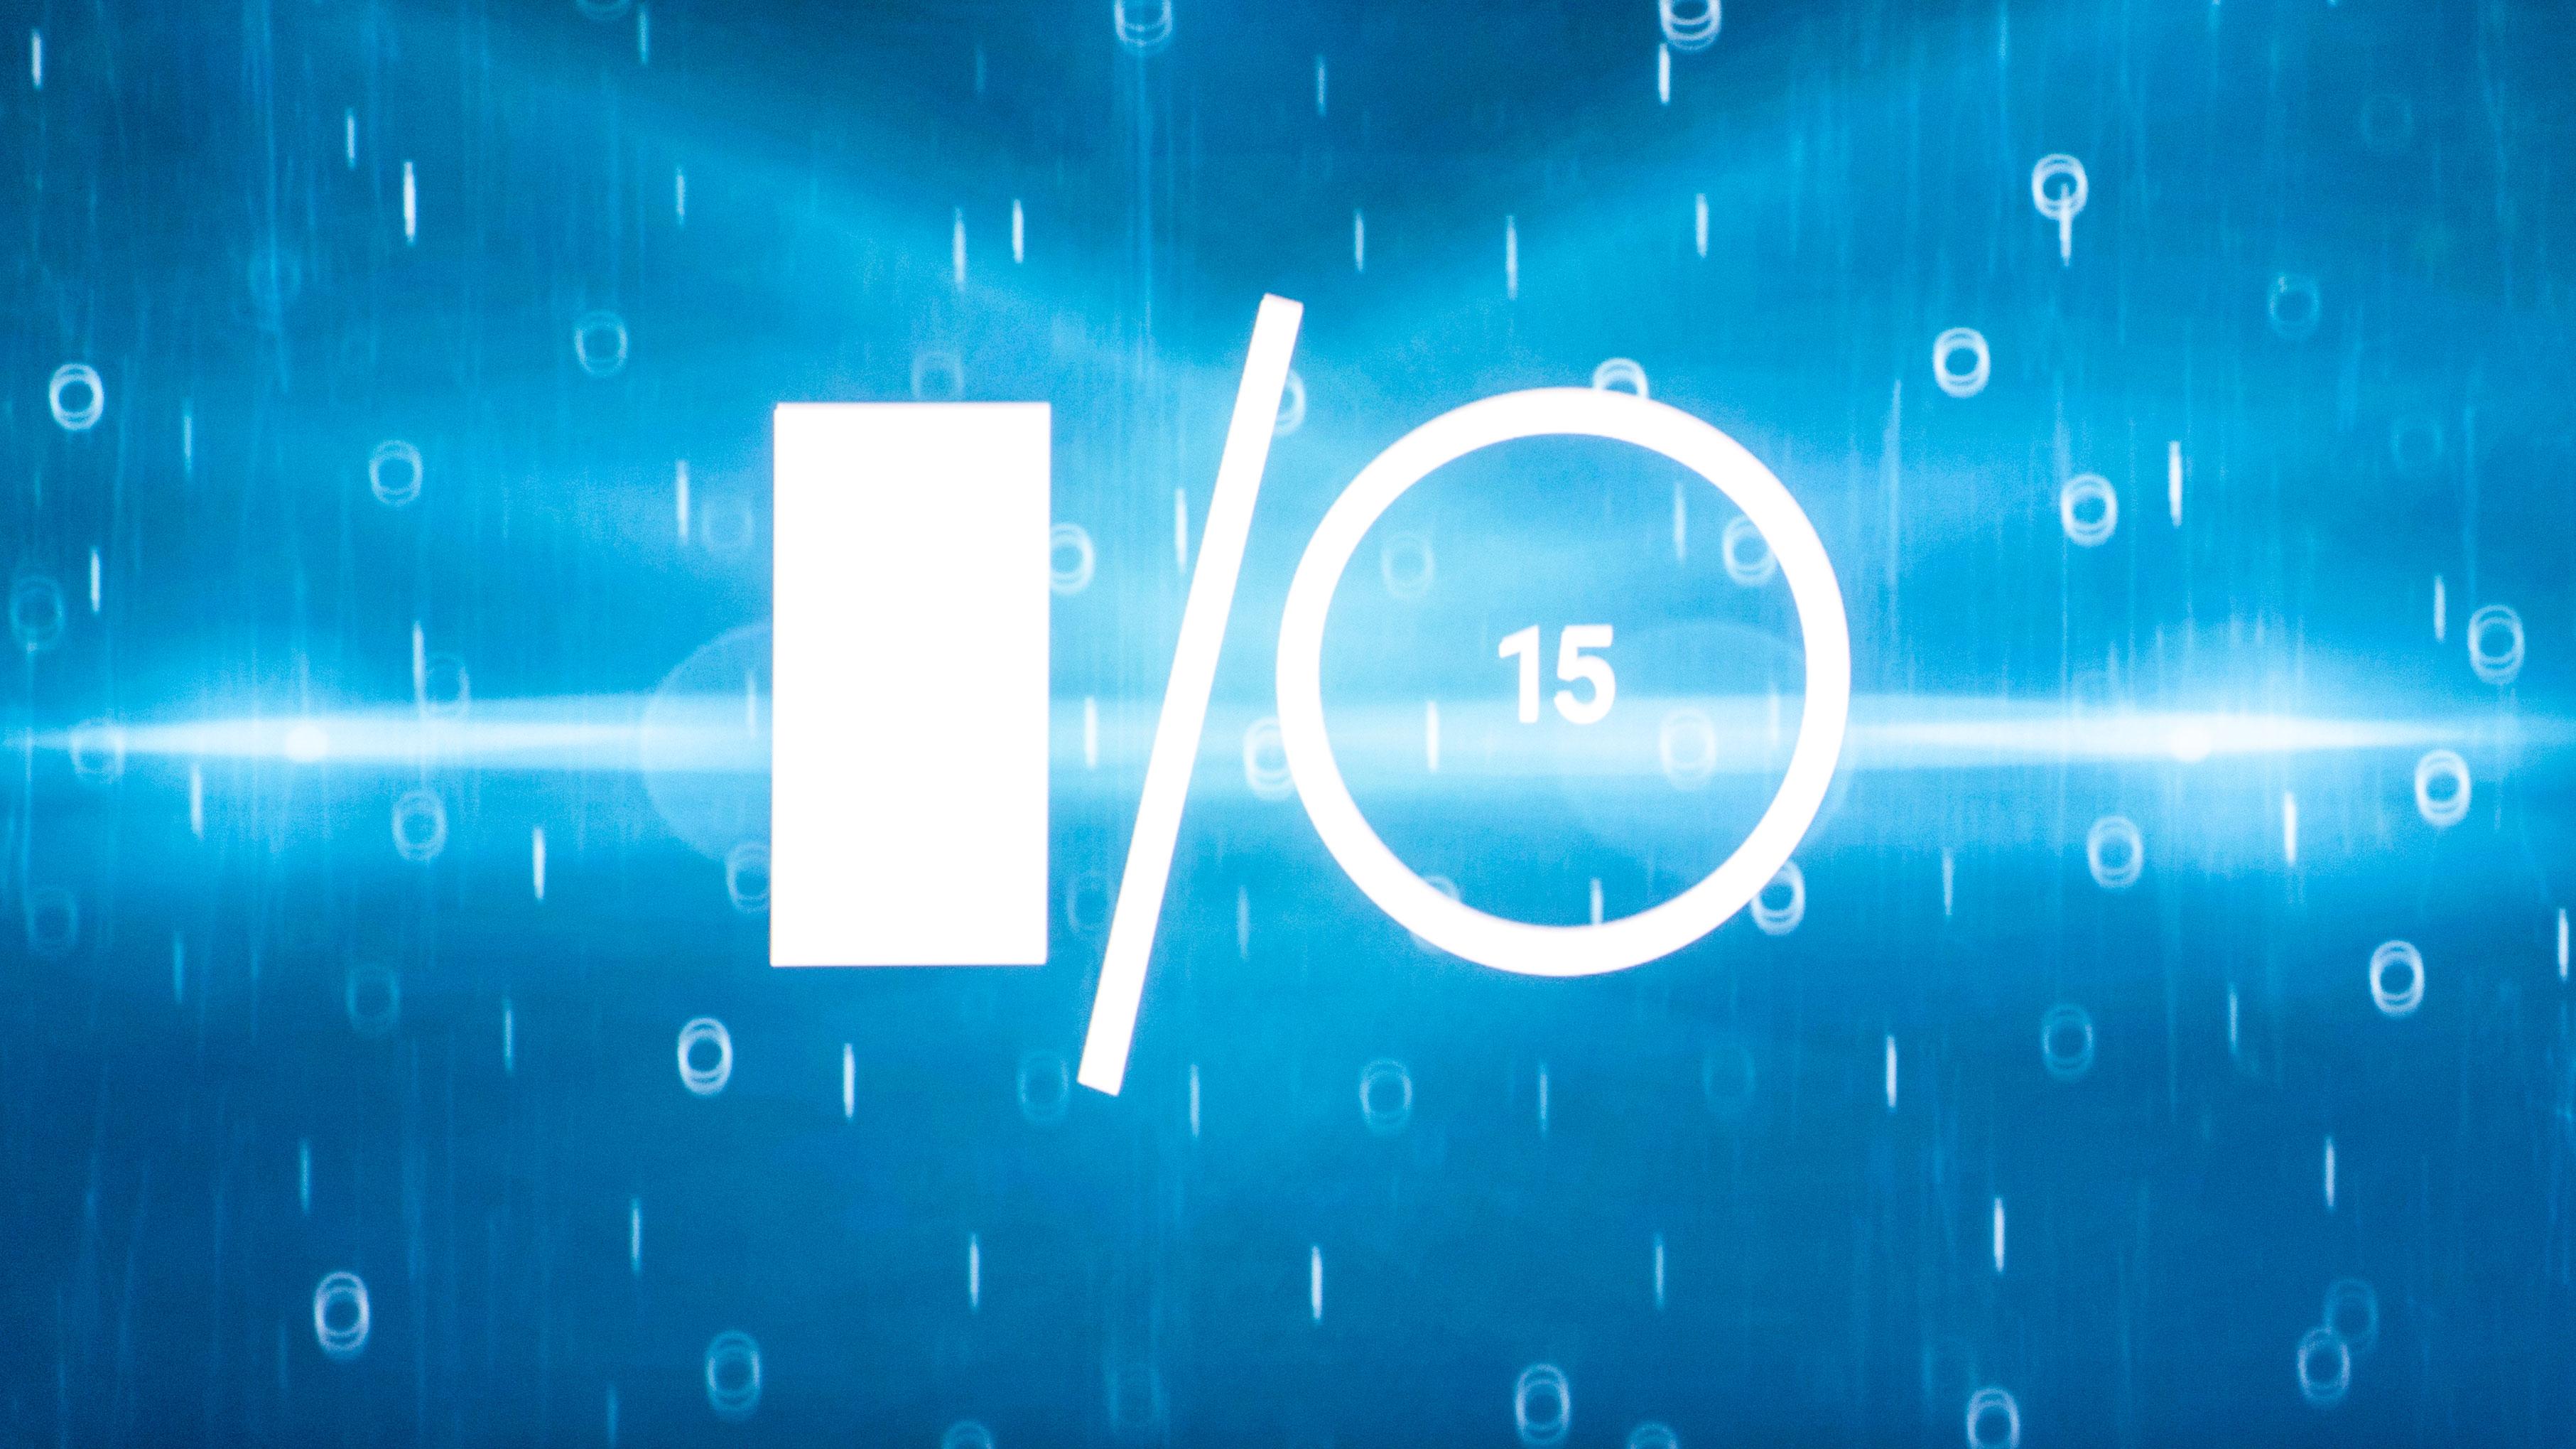 google i/o developer conference 2015 san francisco